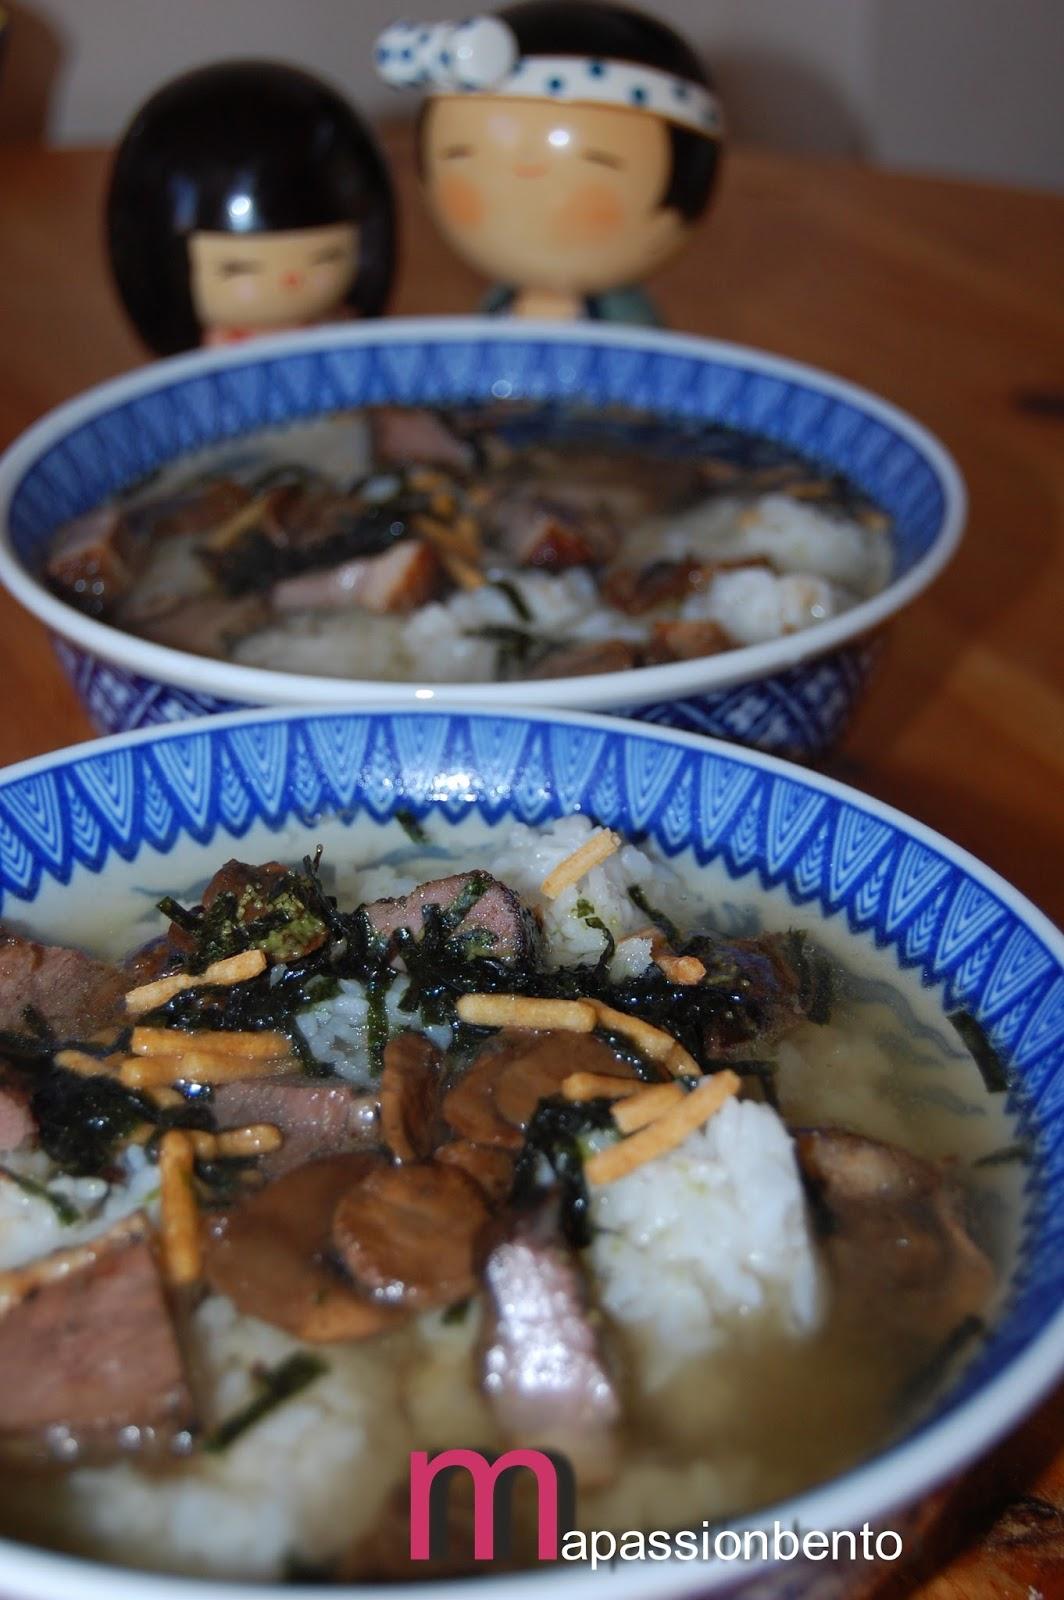 Ma passion bento ochazuke vous connaissez for Allez cuisine translation